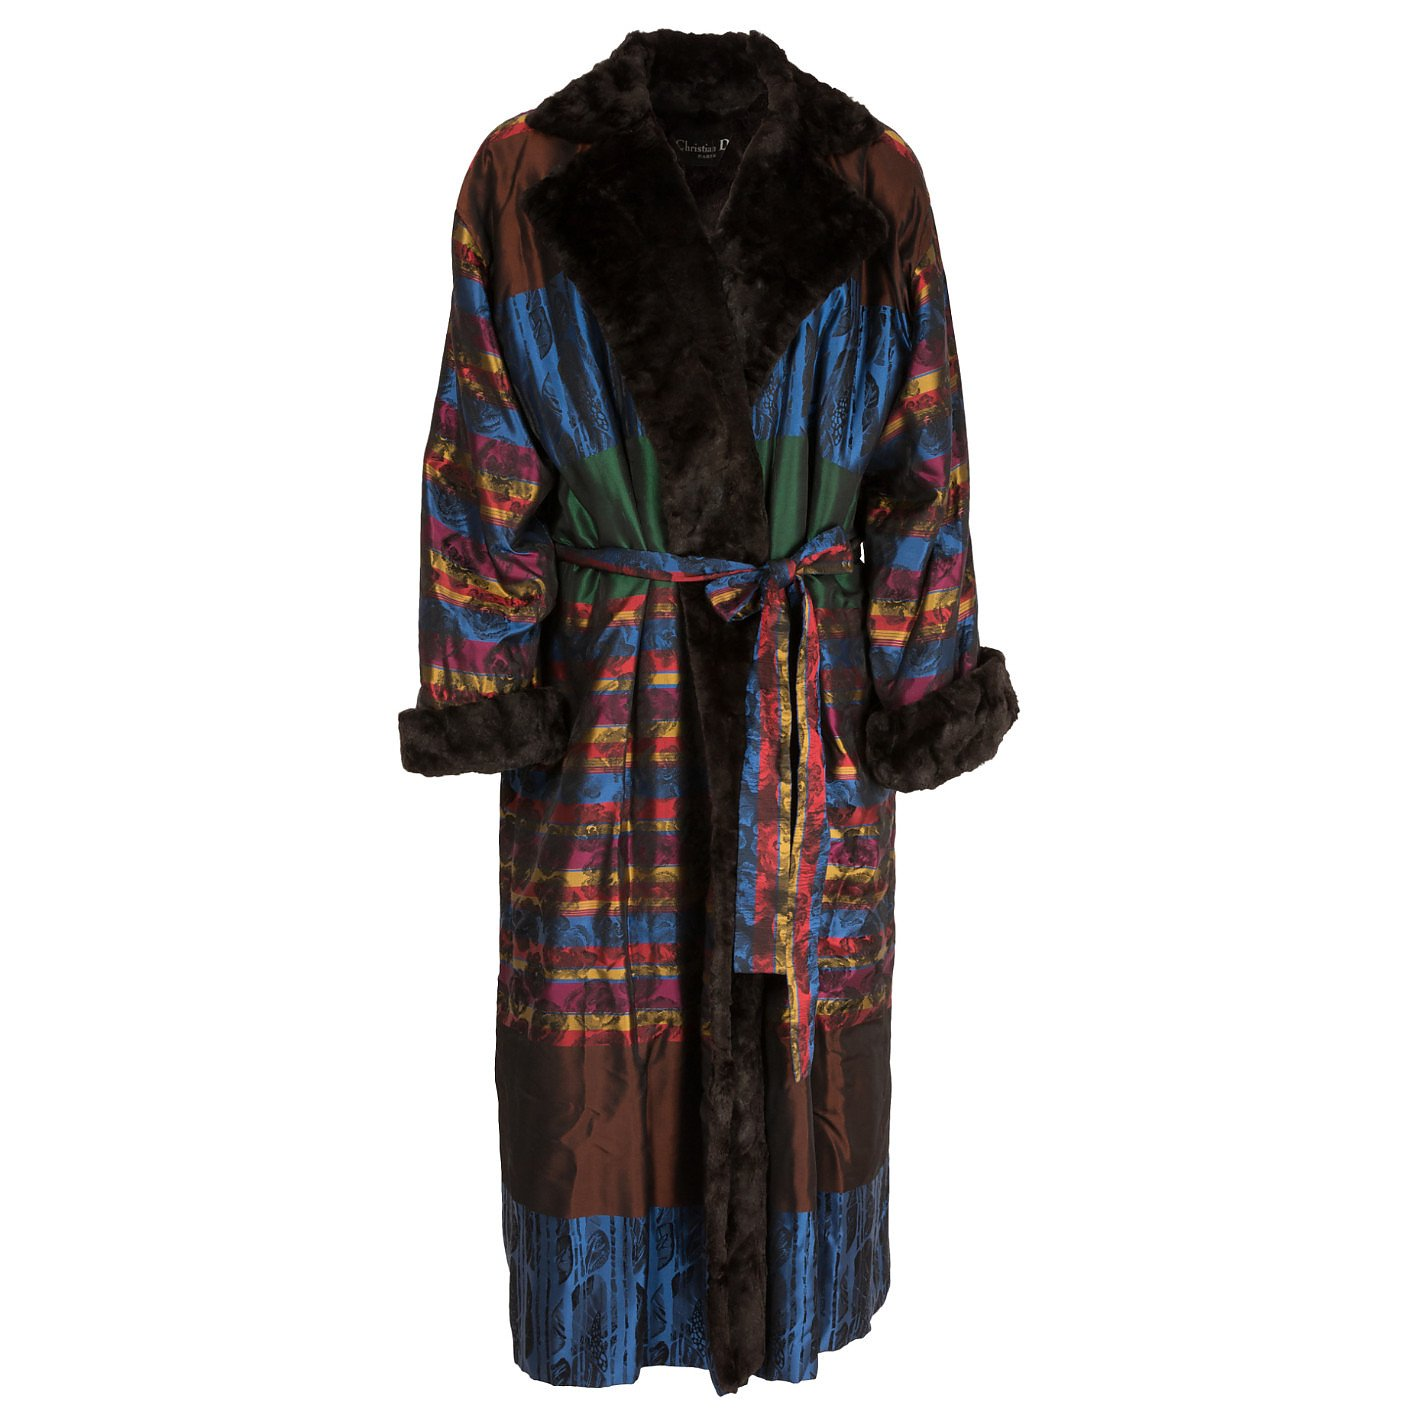 Dior Faux Fur-Trimmed Metallic Coat